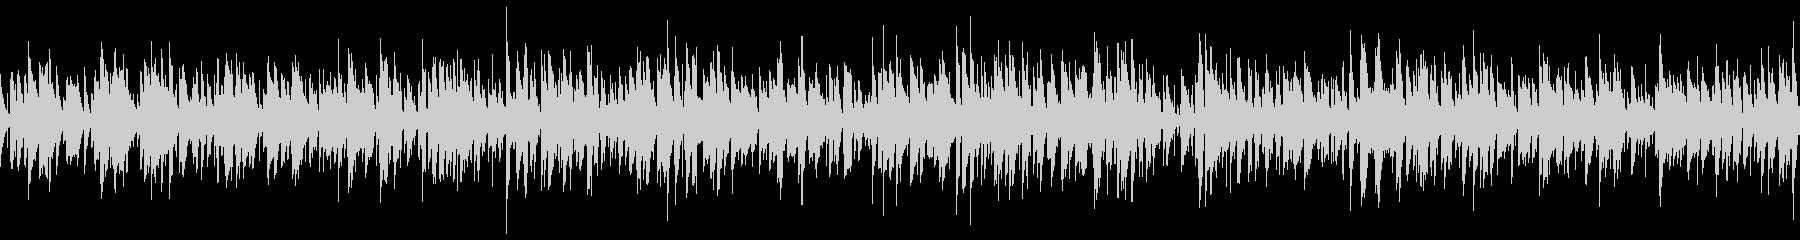 2分19秒のループ化ファイルです。の未再生の波形